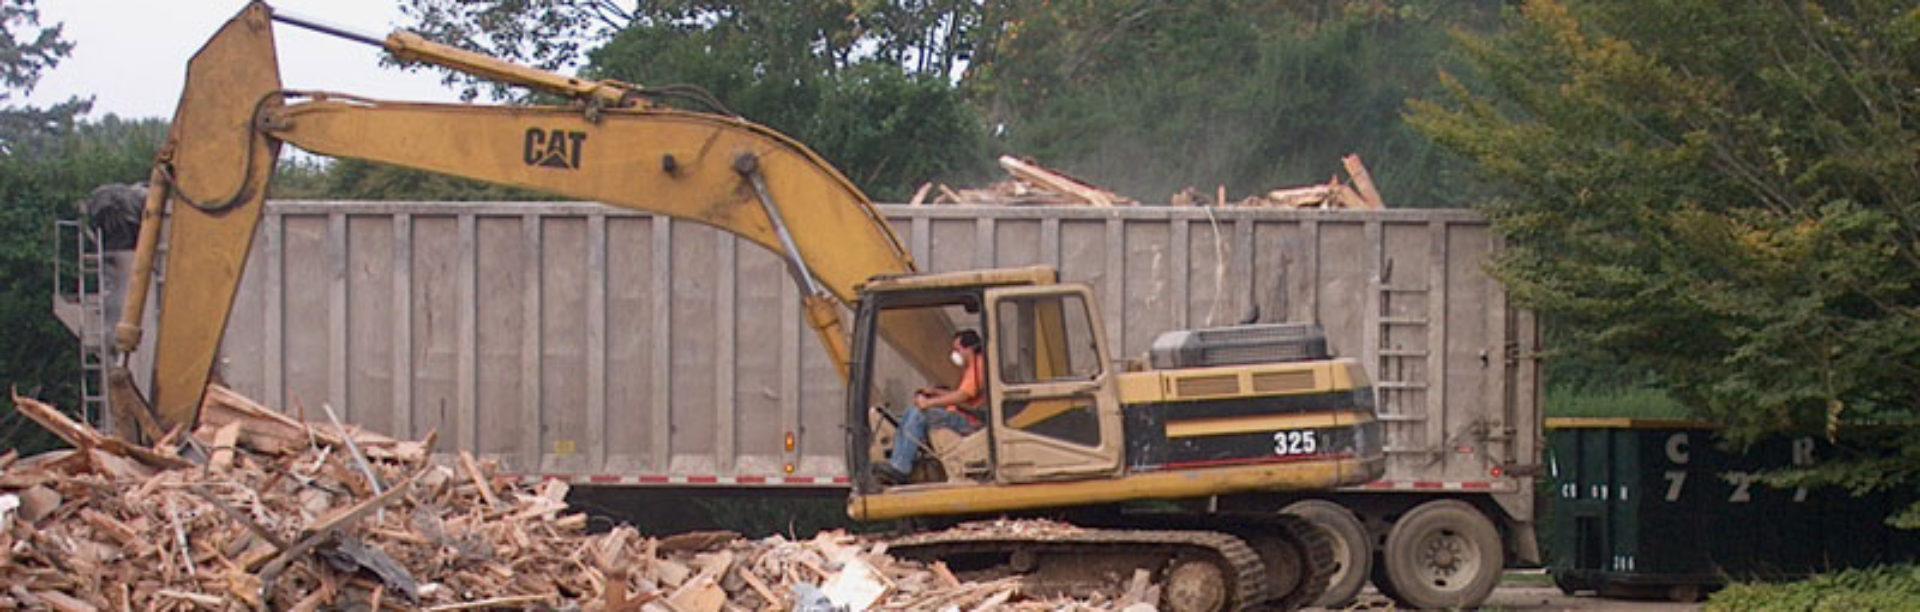 Excav Services